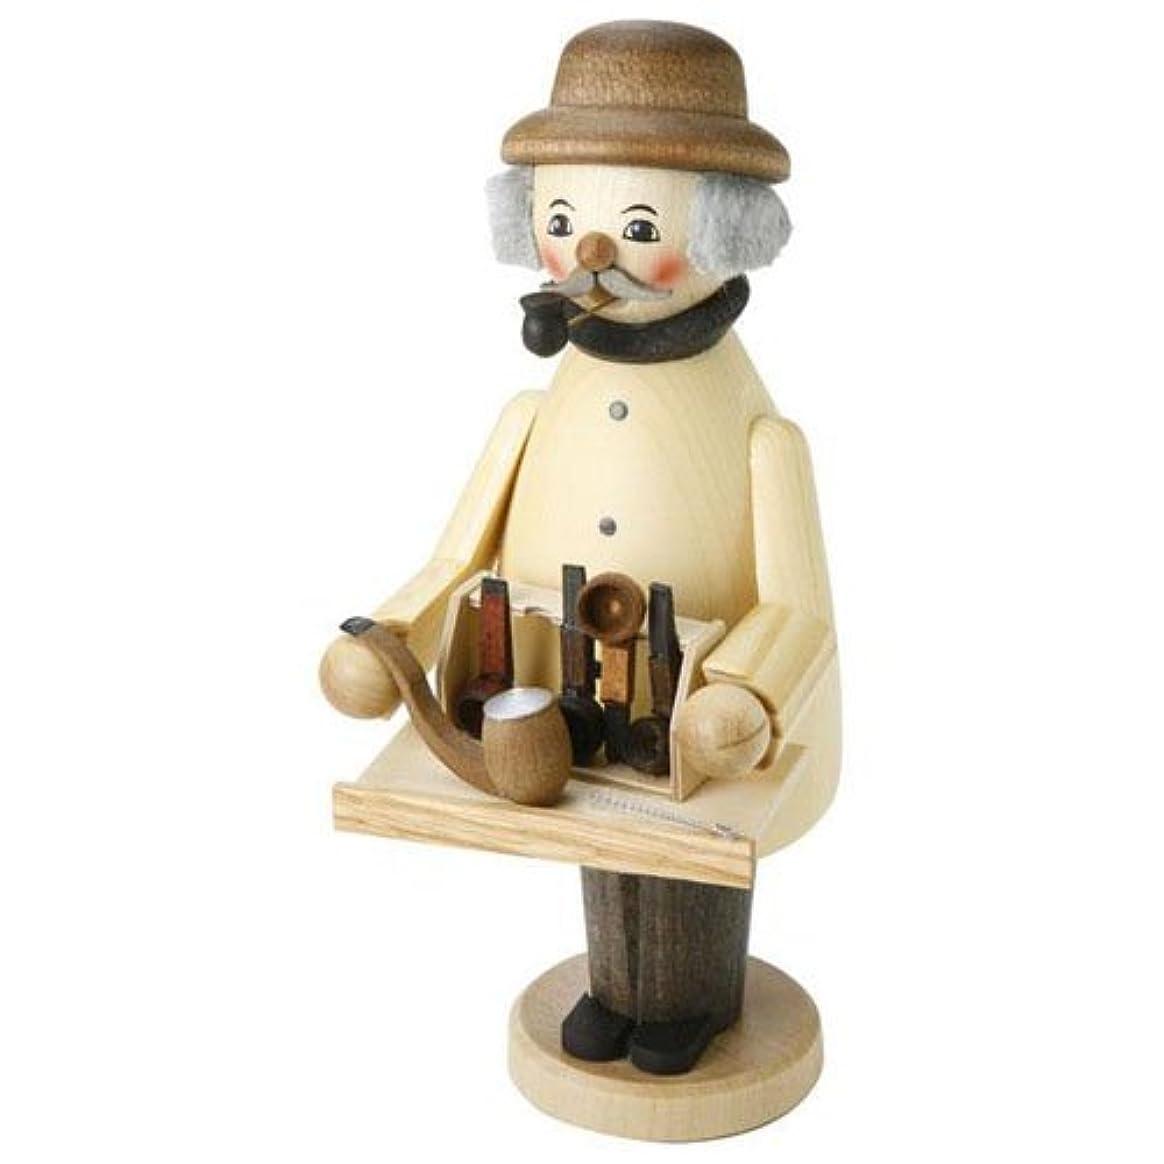 合理化急行する完了kuhnert ミニパイプ人形香炉 パイプ売り